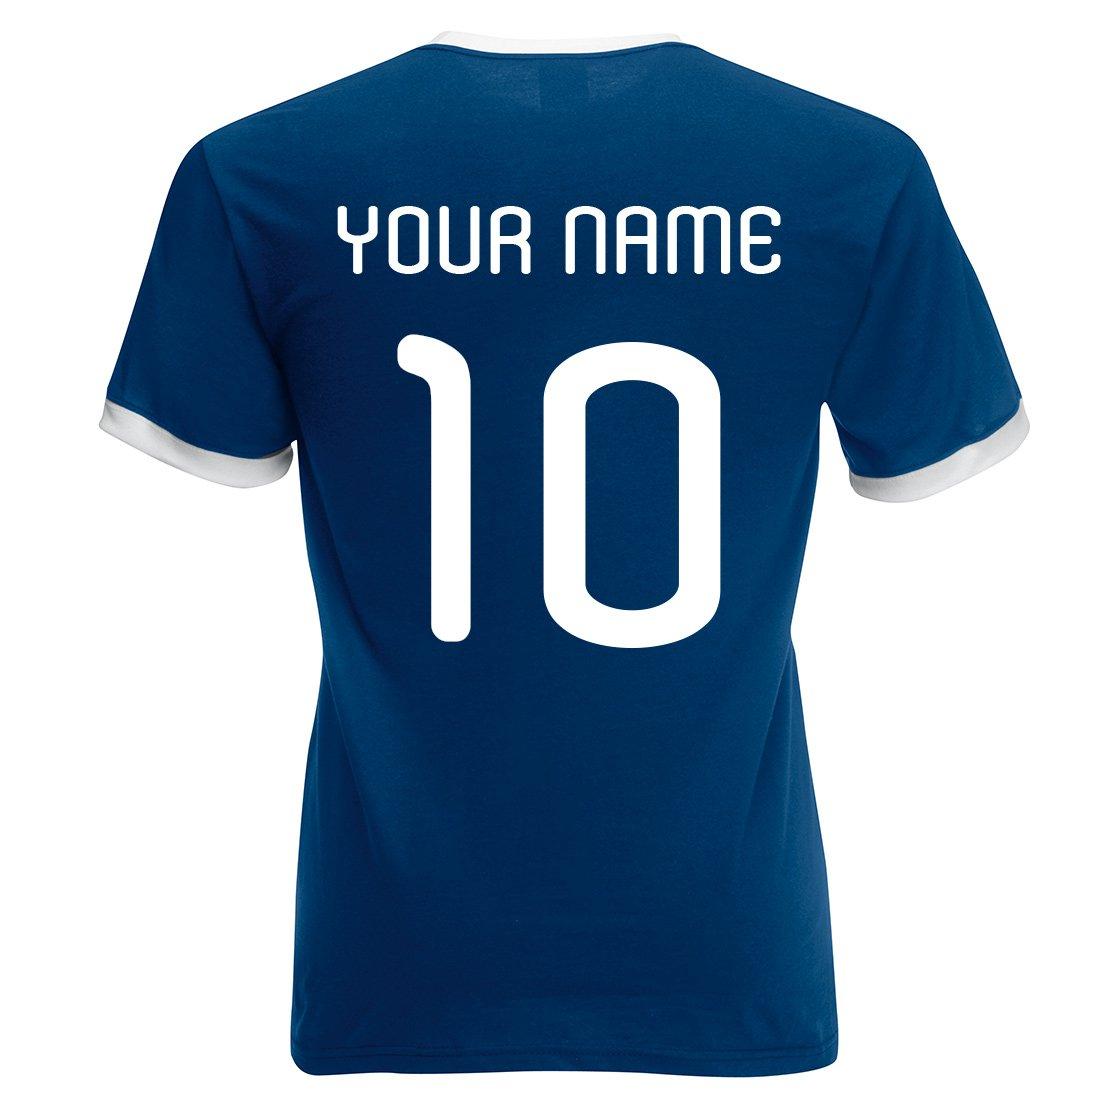 CUSTOM-MADE Hombre personalizable Retro camiseta de fútbol Argentina, Hombre-Mujer, color Azul Marino Y Blanco, tamaño medium: Amazon.es: Ropa y accesorios